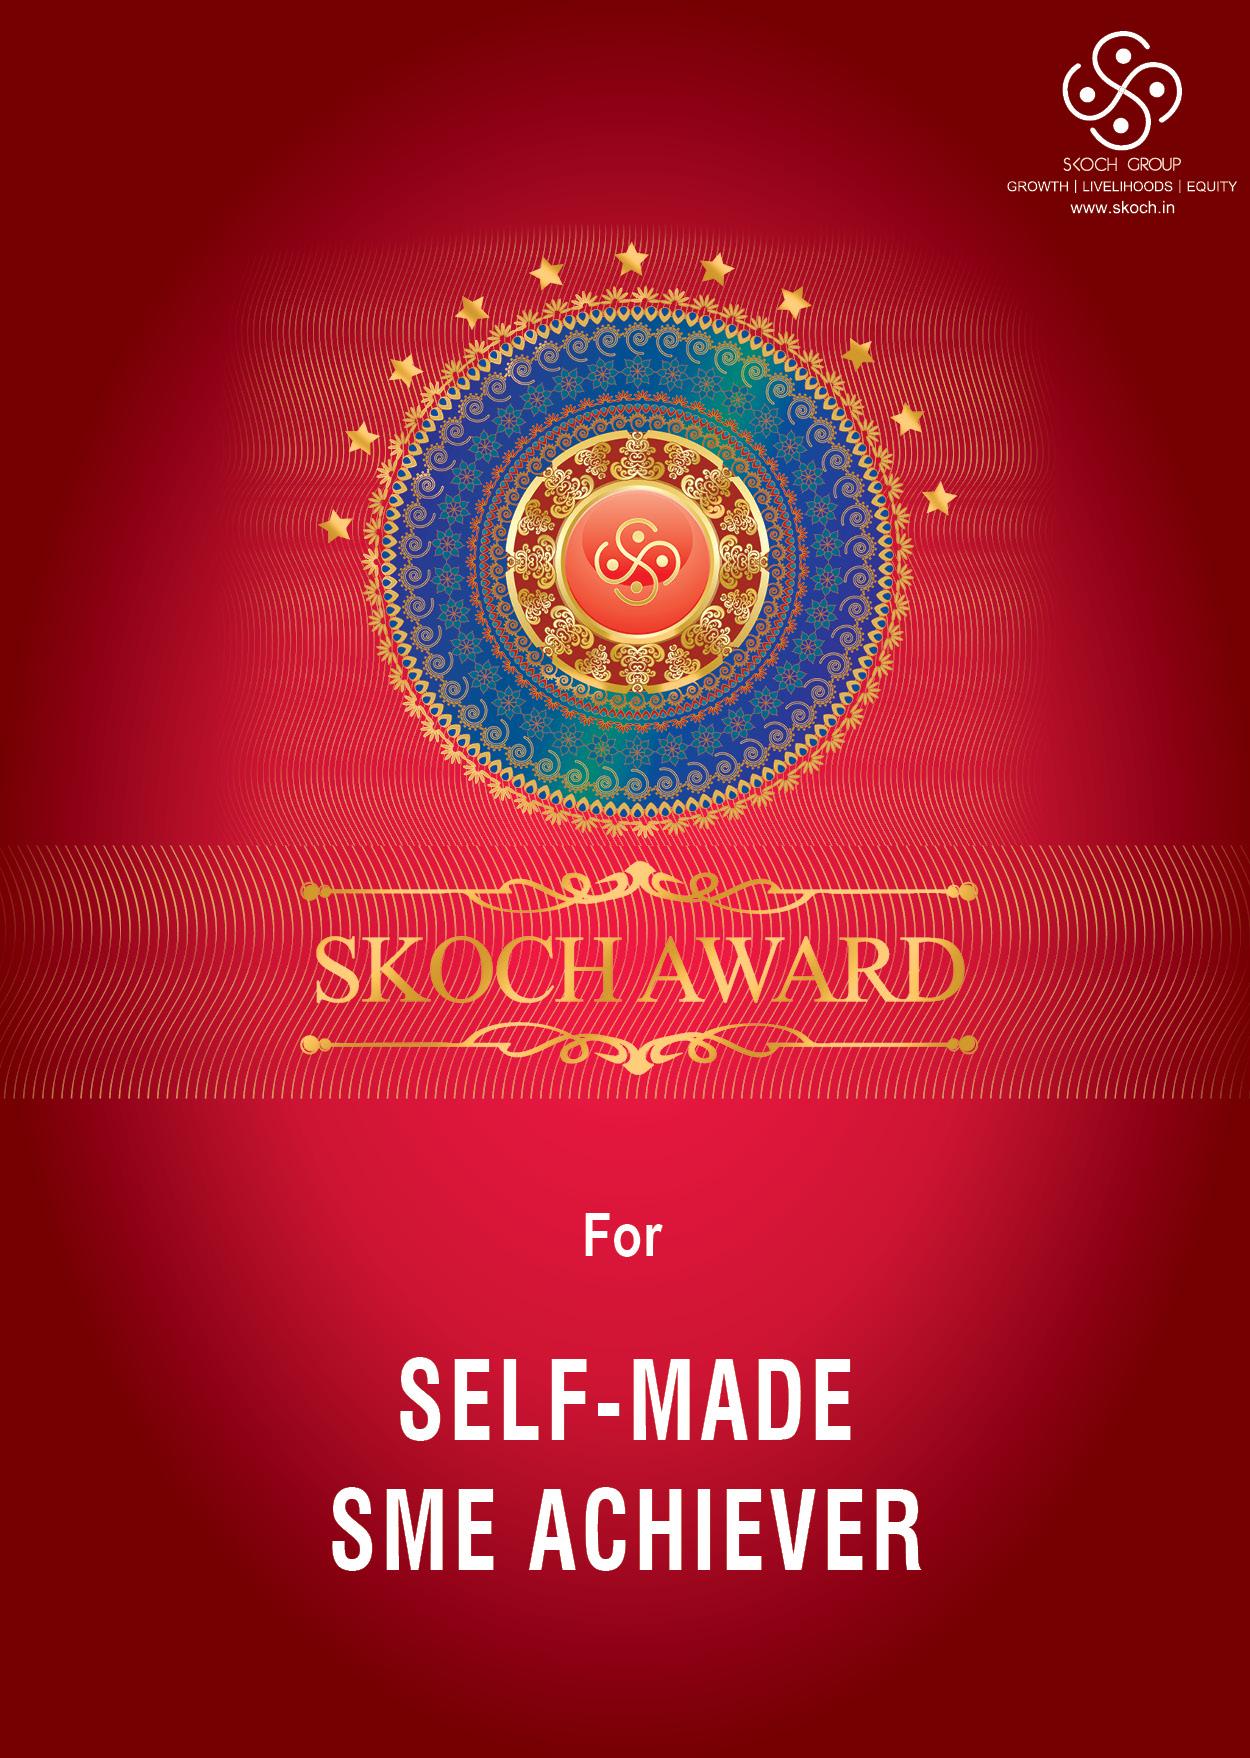 Self-Made SME Achiever